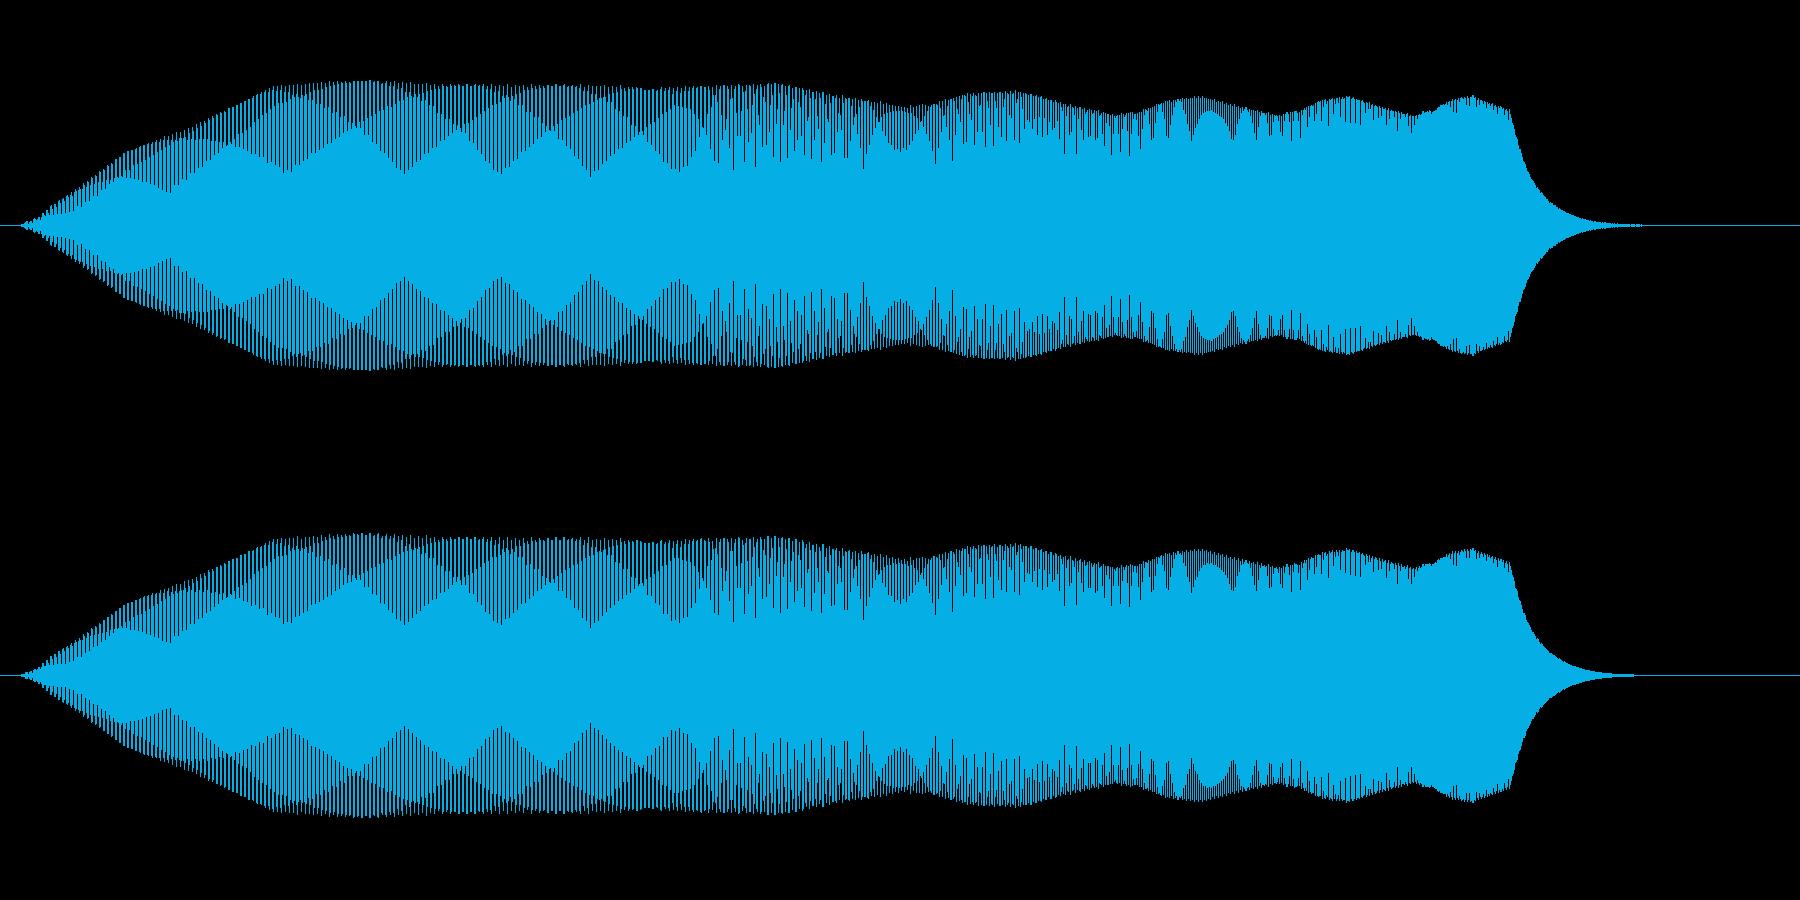 プ〜↑ンワ(素早く上昇する音)の再生済みの波形